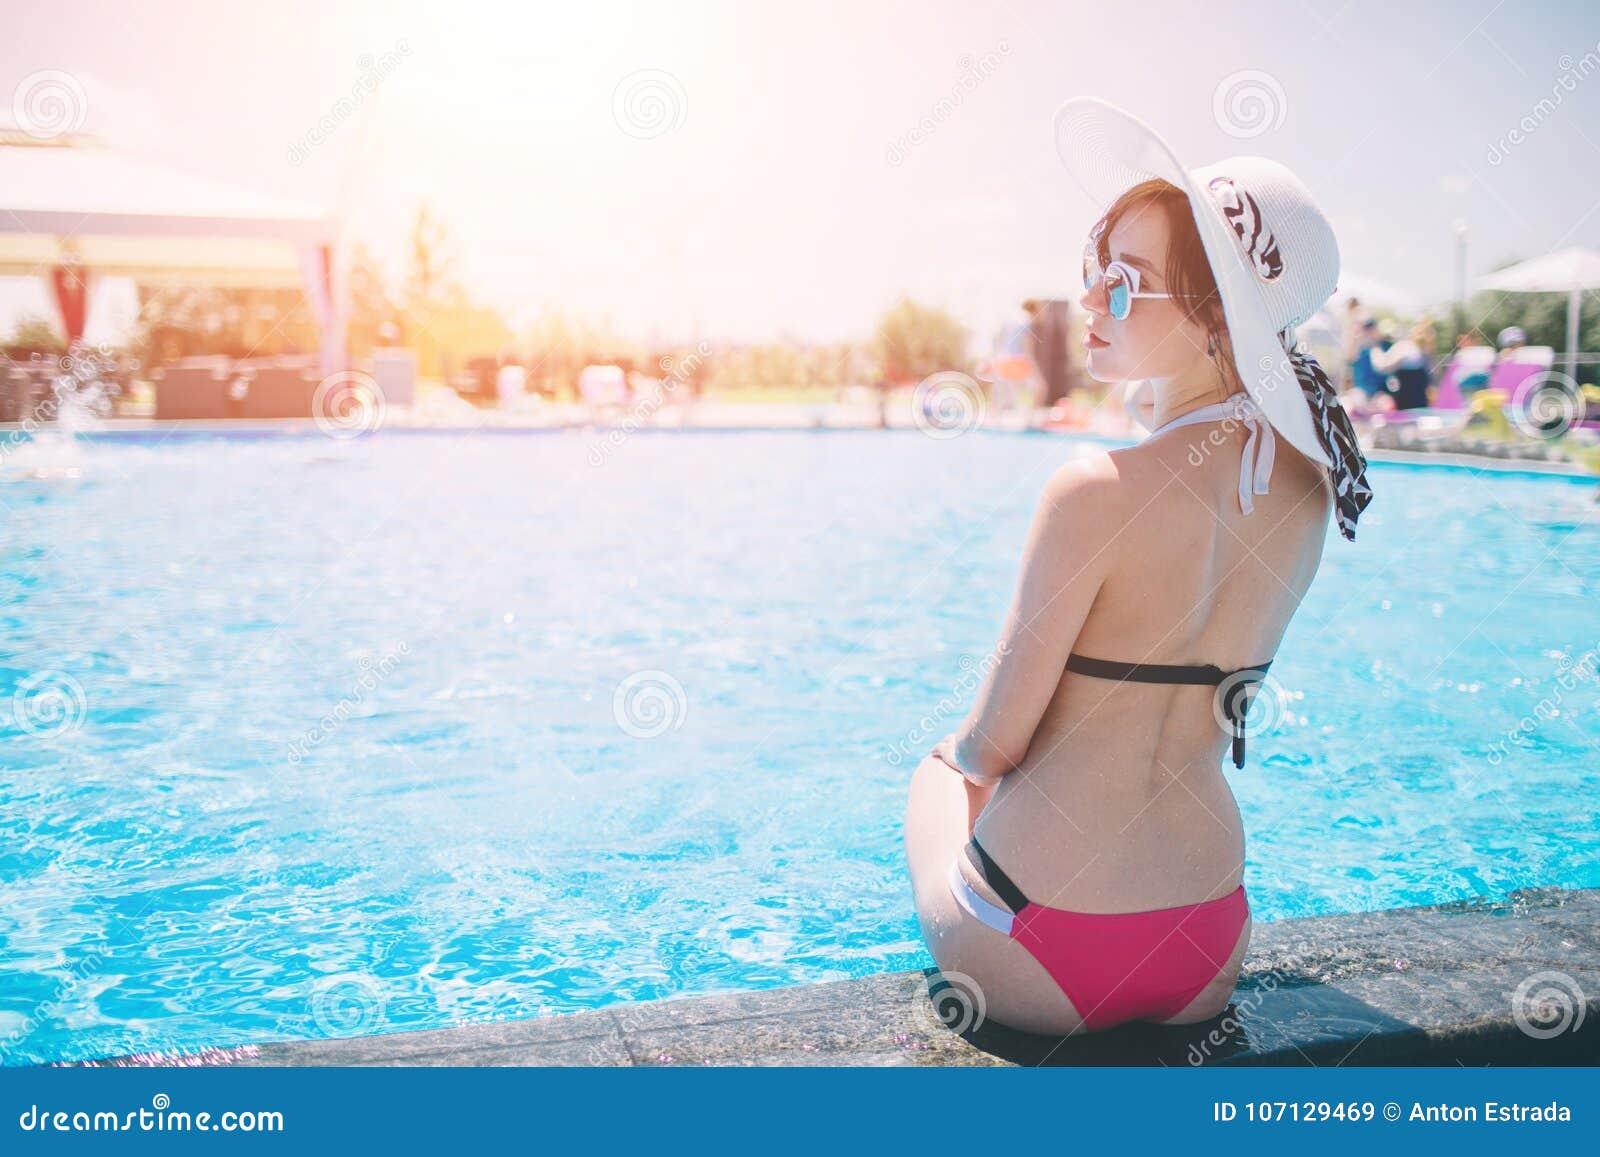 Νέα γυναίκα ευτυχής στη μεγάλη χαλάρωση καπέλων στην πισίνα, ταξίδι κοντά στην παραλία στο ηλιοβασίλεμα καλοκαίρι έννοιας